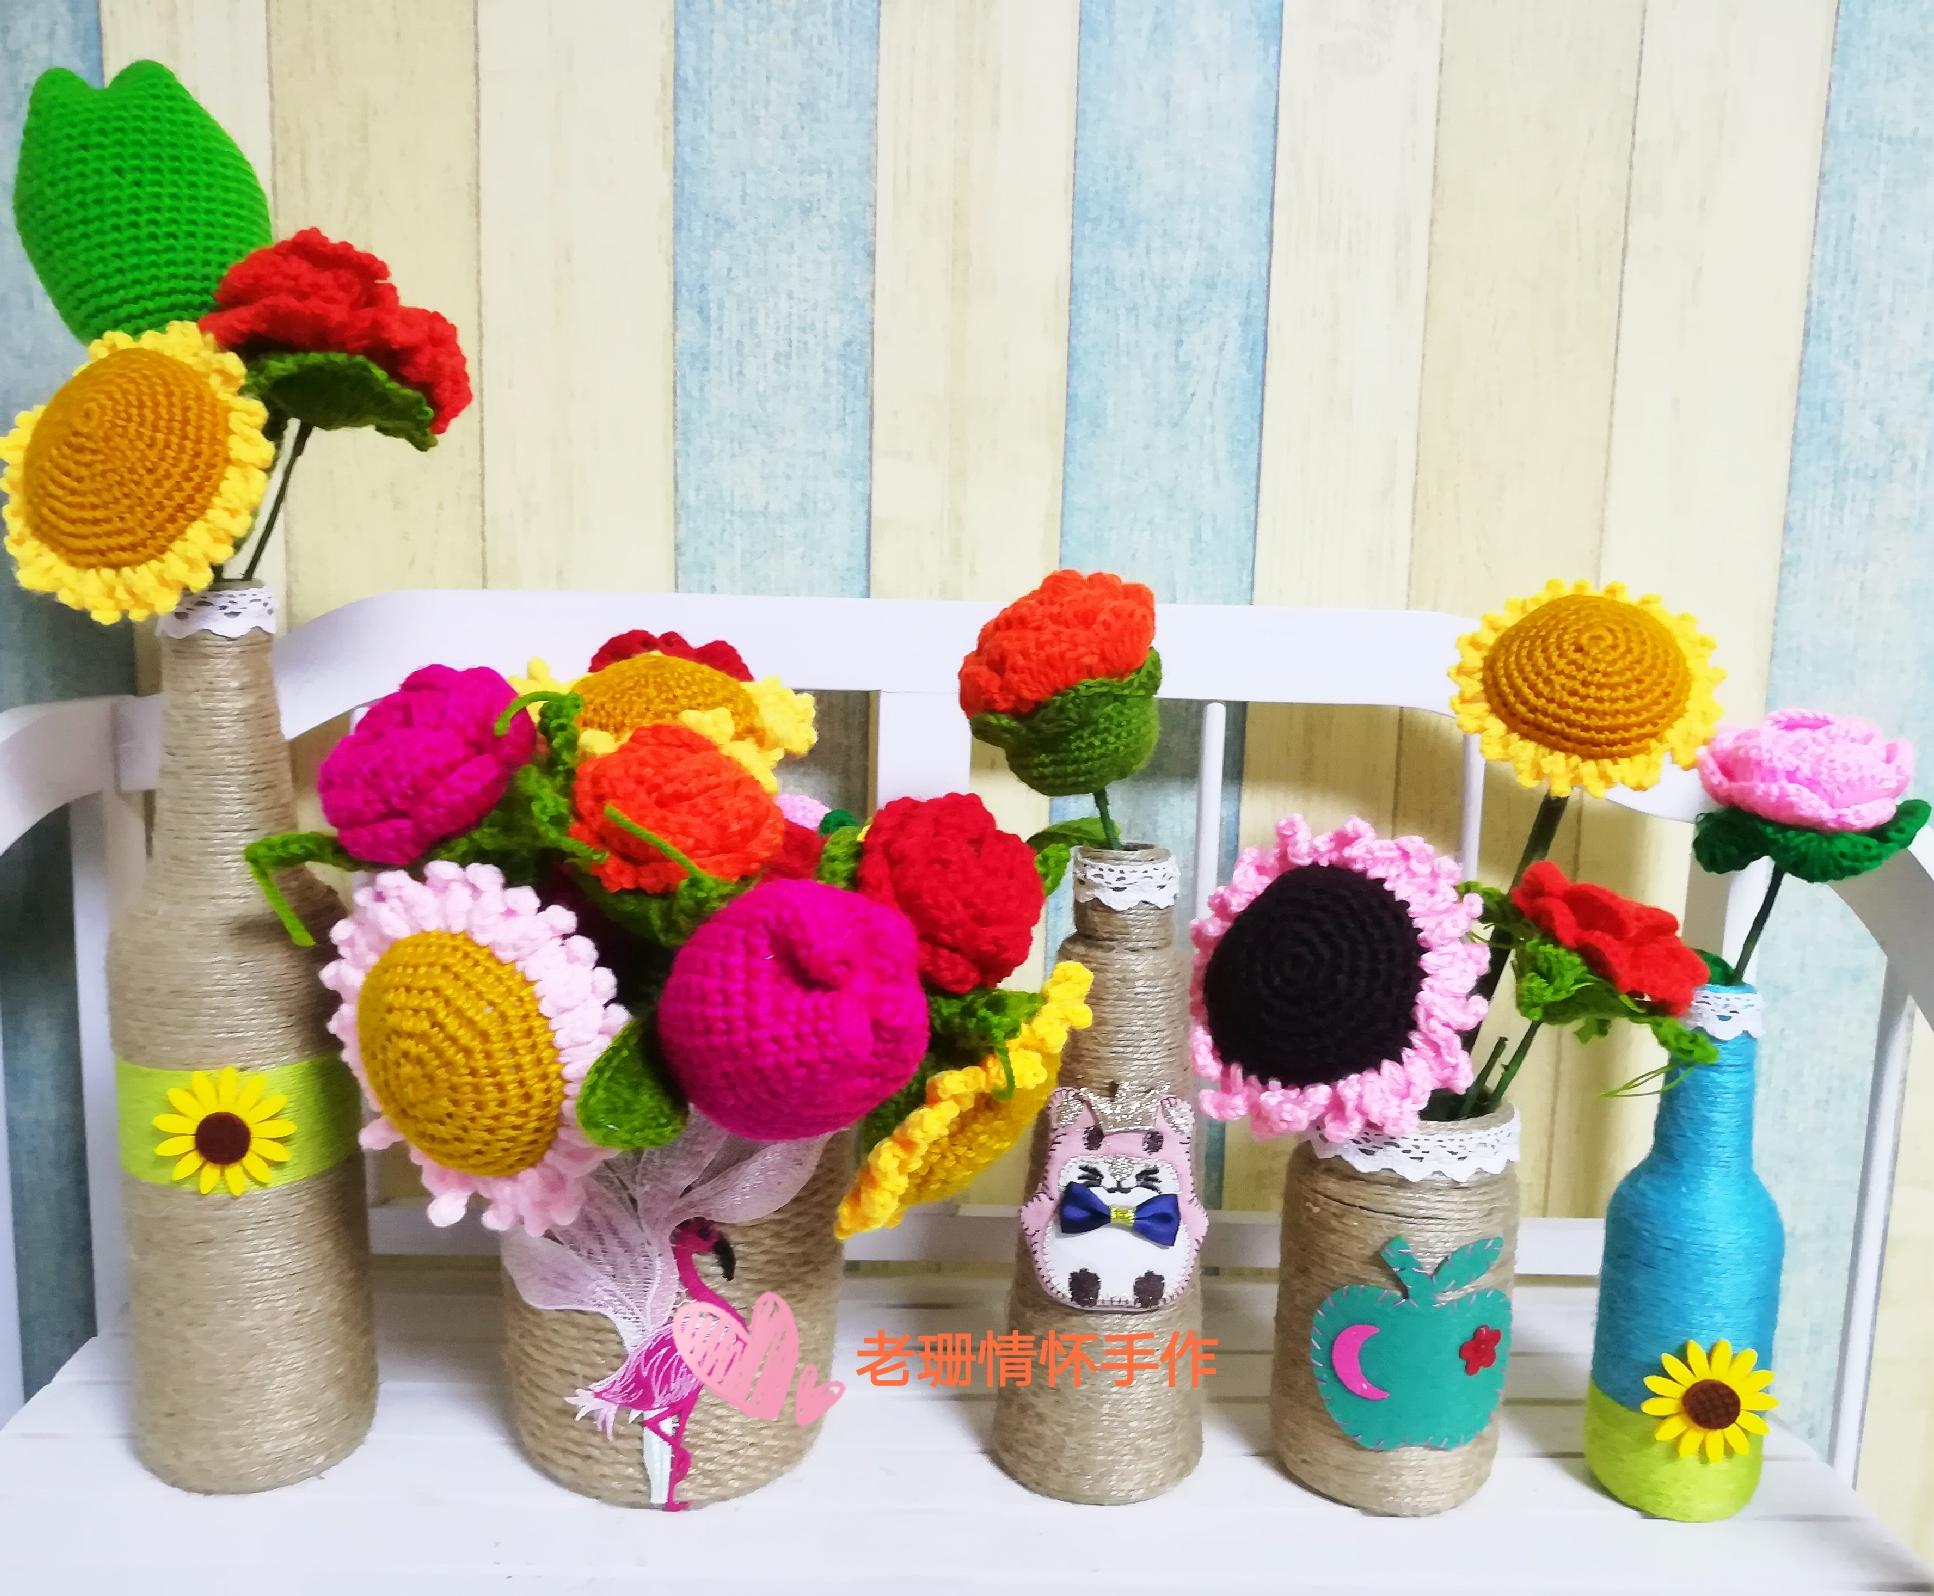 麻绳花瓶玻璃手工小制作 废物利用 环保 变废为宝 环保手工美劳